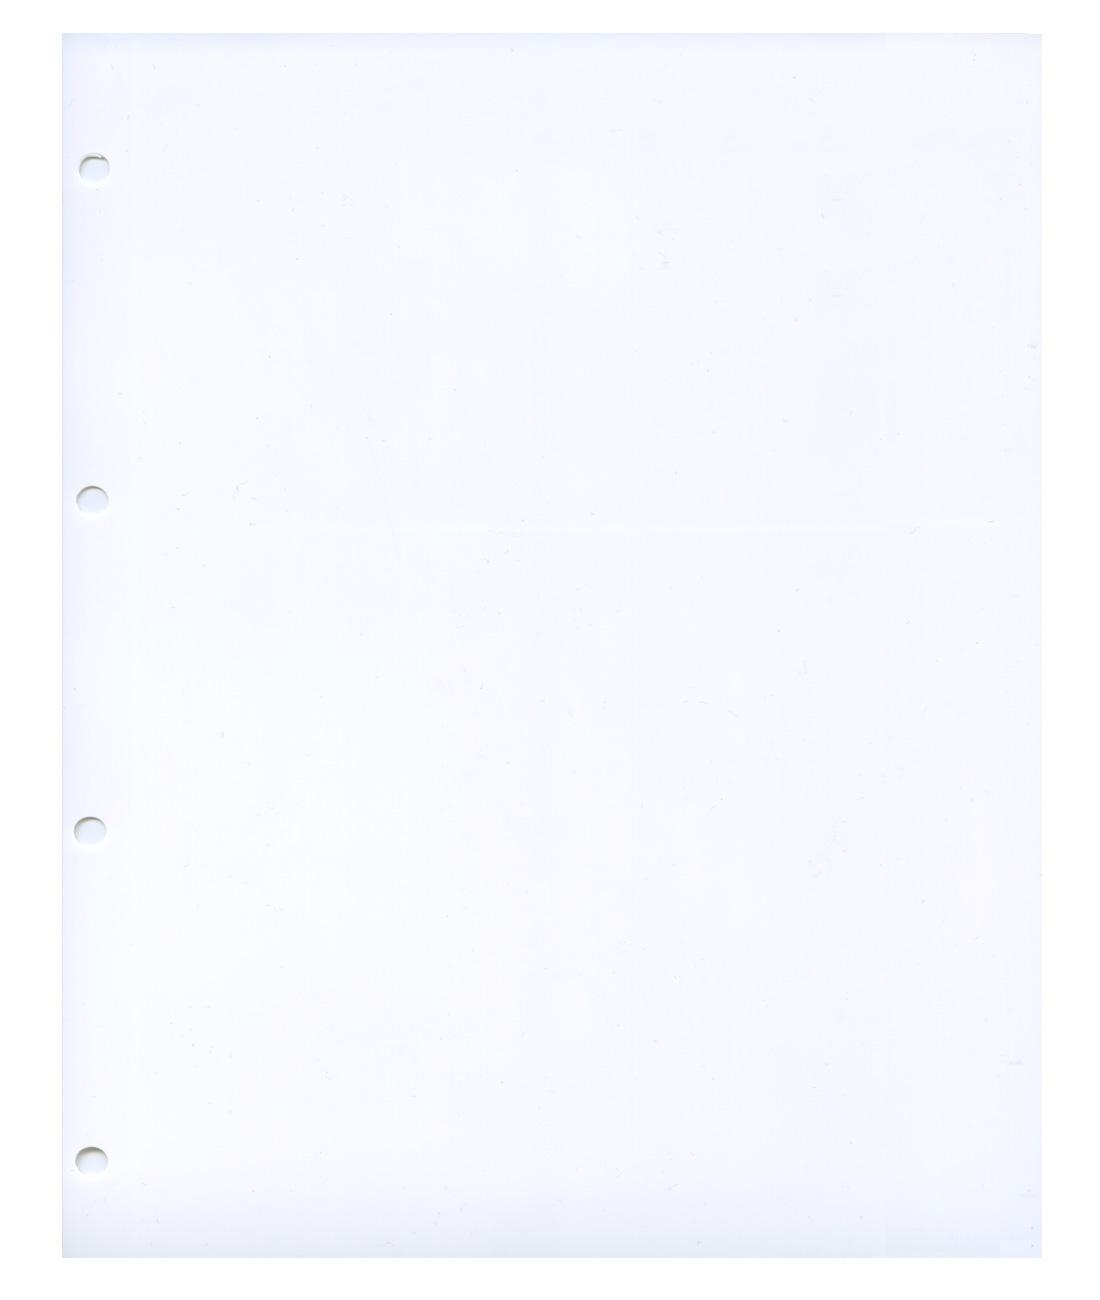 Лист Grande промежуточный белый «Стандарт»